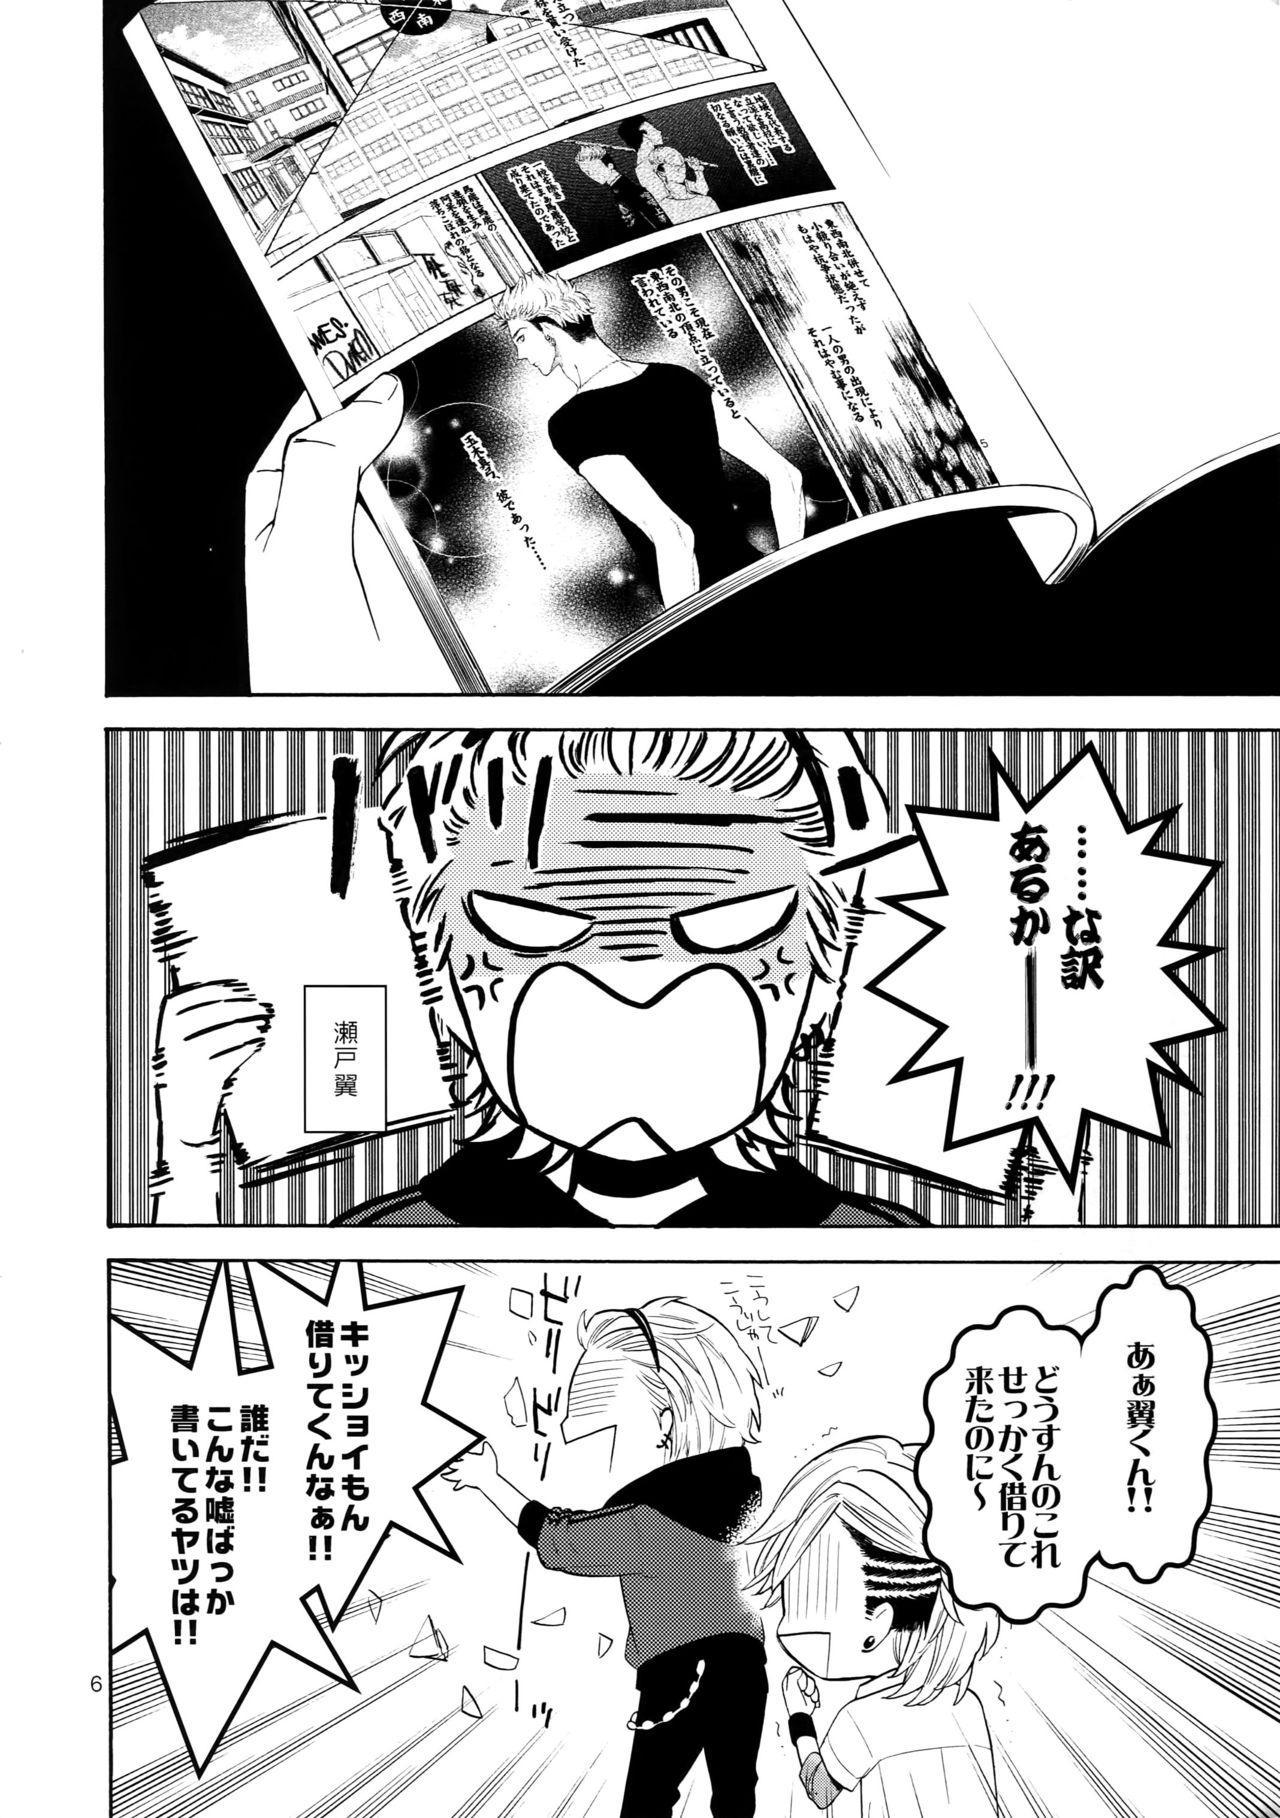 Uruwashi no Vinca Major 4